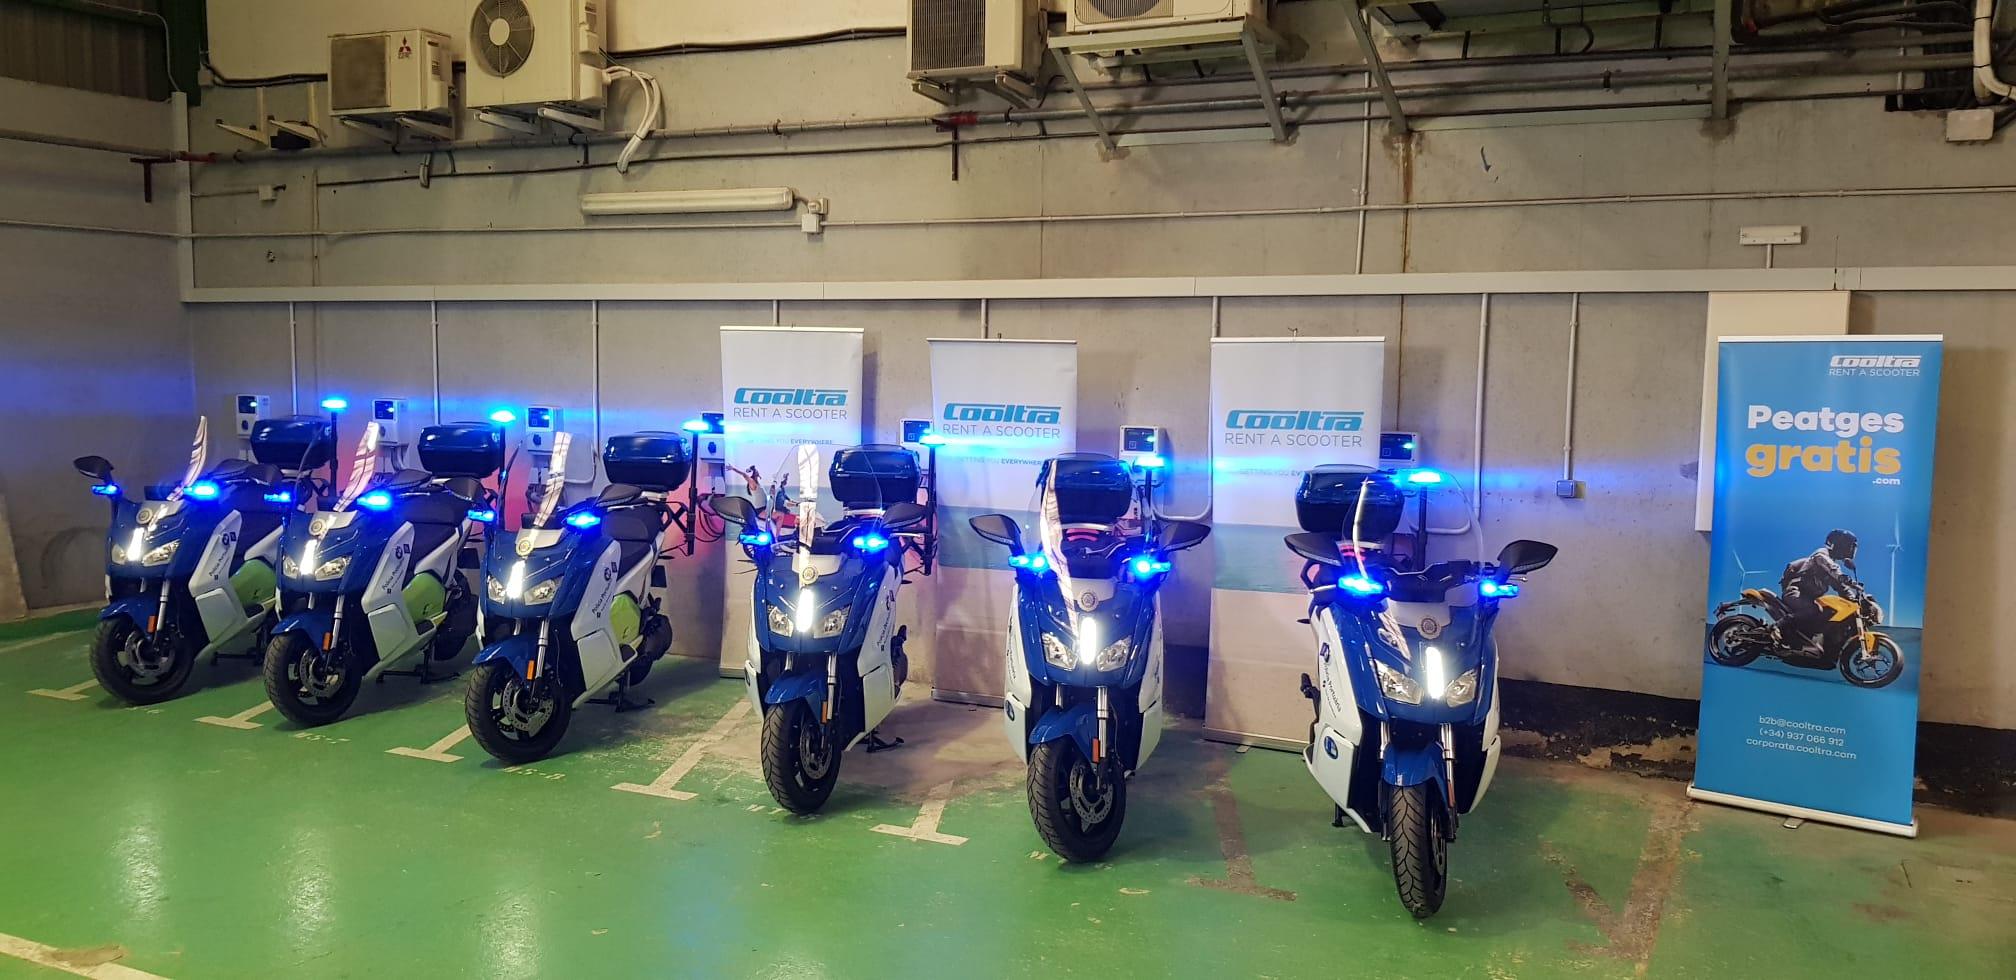 Se ven las motos que Cooltra ha entregado al Port de Barcelona